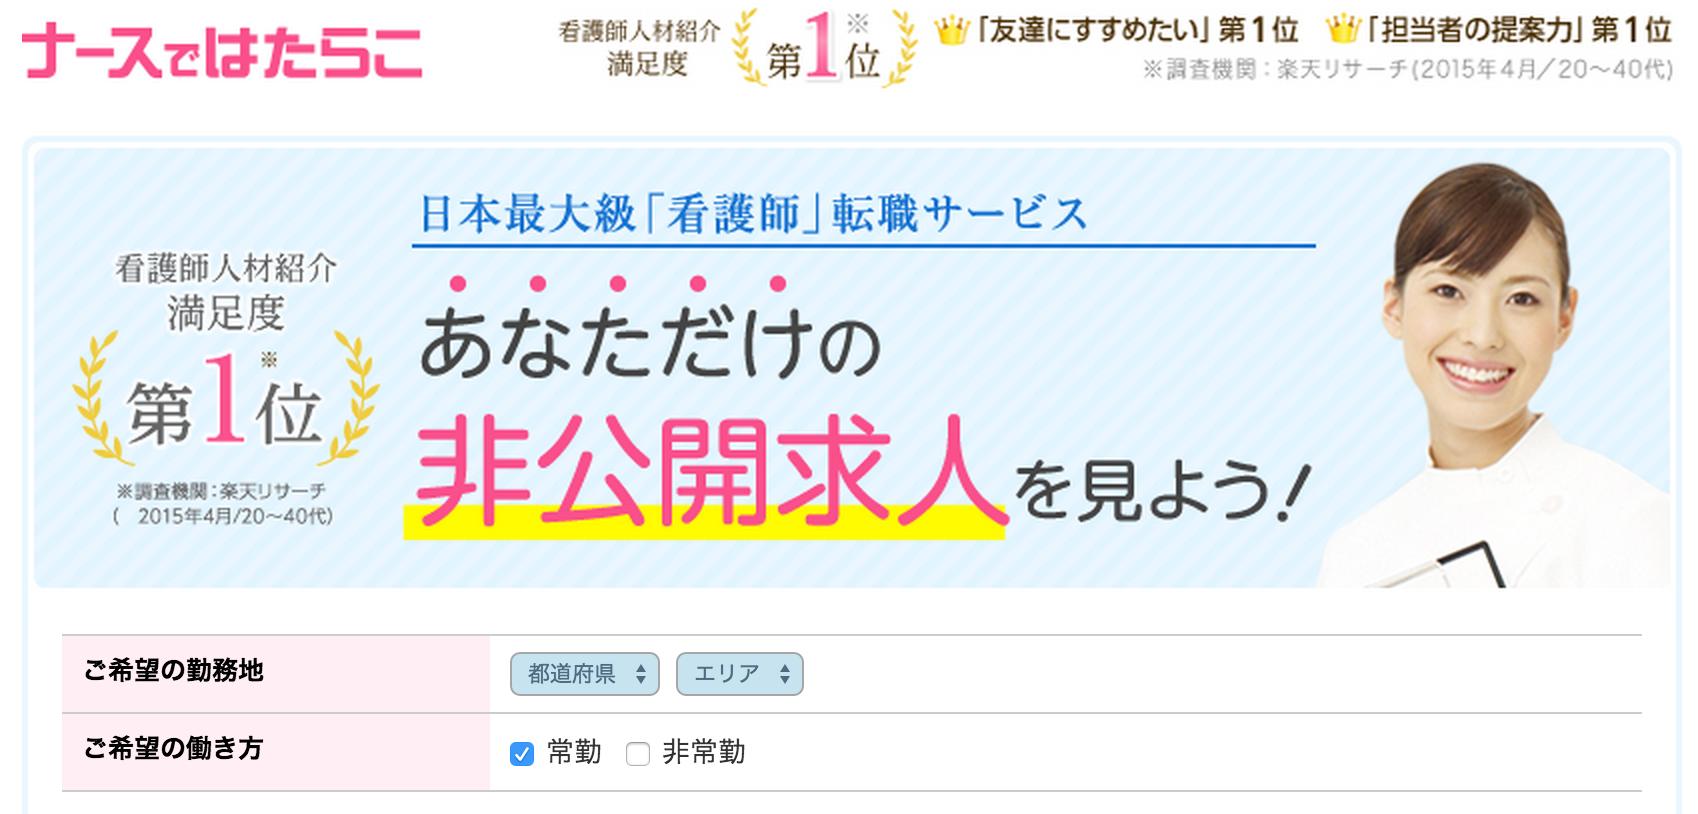 スクリーンショット 2015-10-01 6.53.52